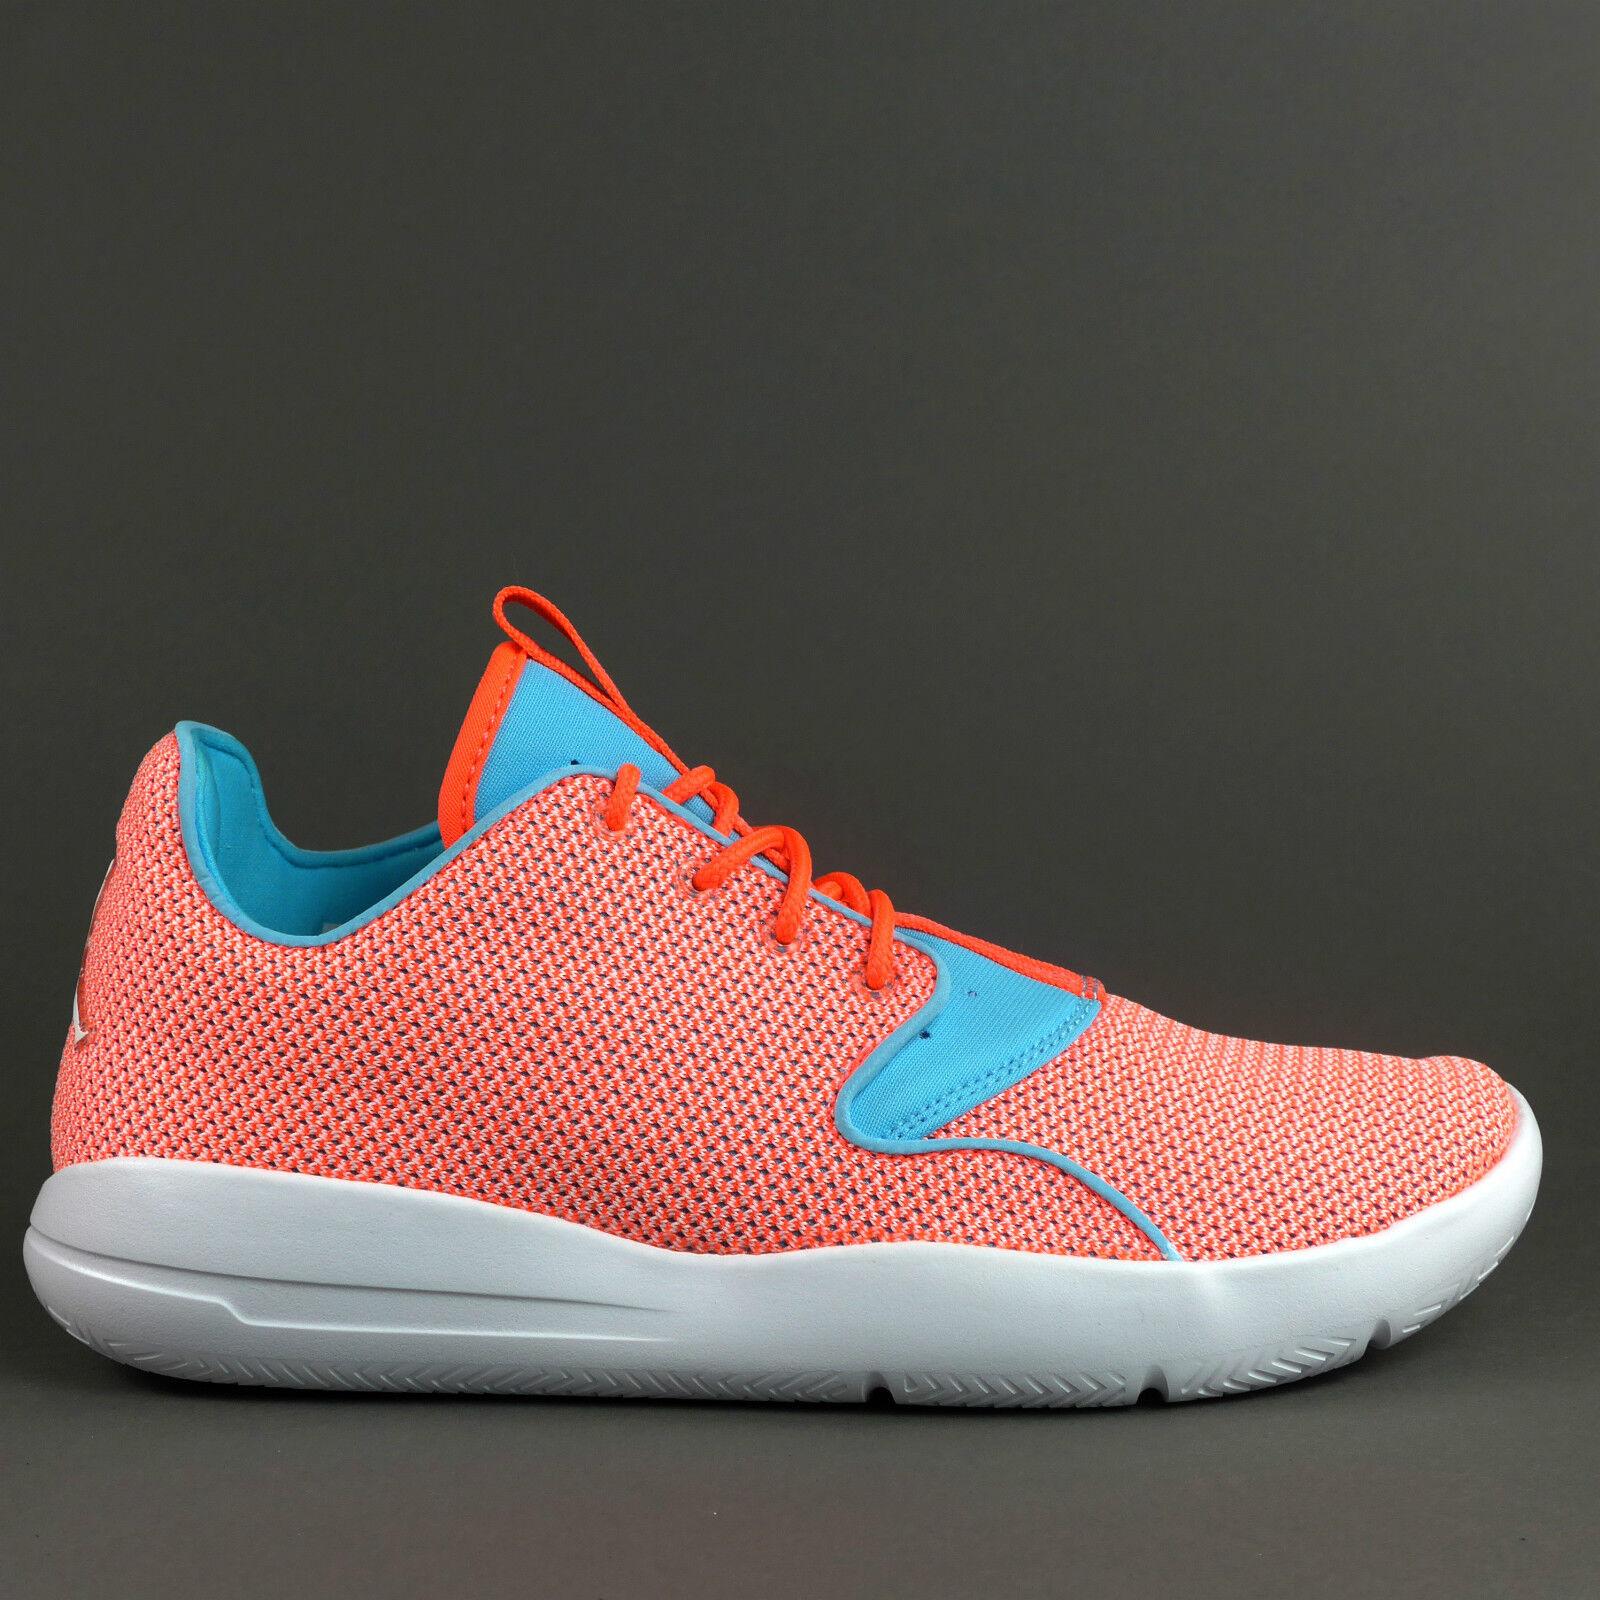 Nike air jordan eclissi scarpe nba basket bambini donna scarpe da donna bambini 724356 b96efb